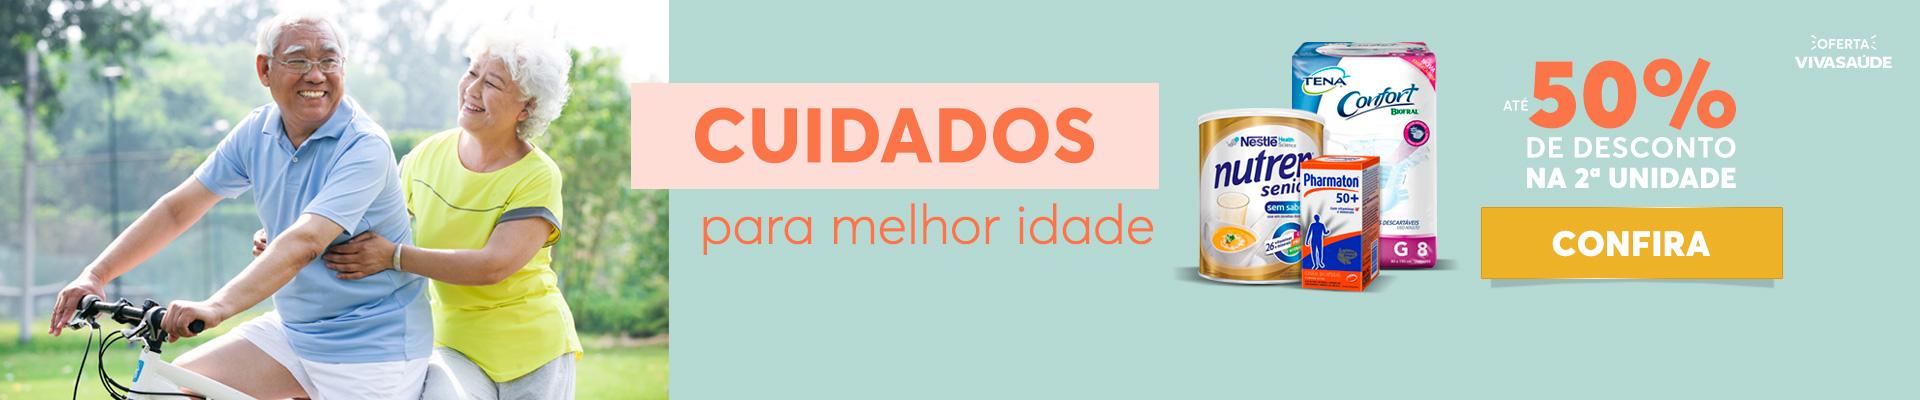 CUIDADOS PARA MELHOR IDADE